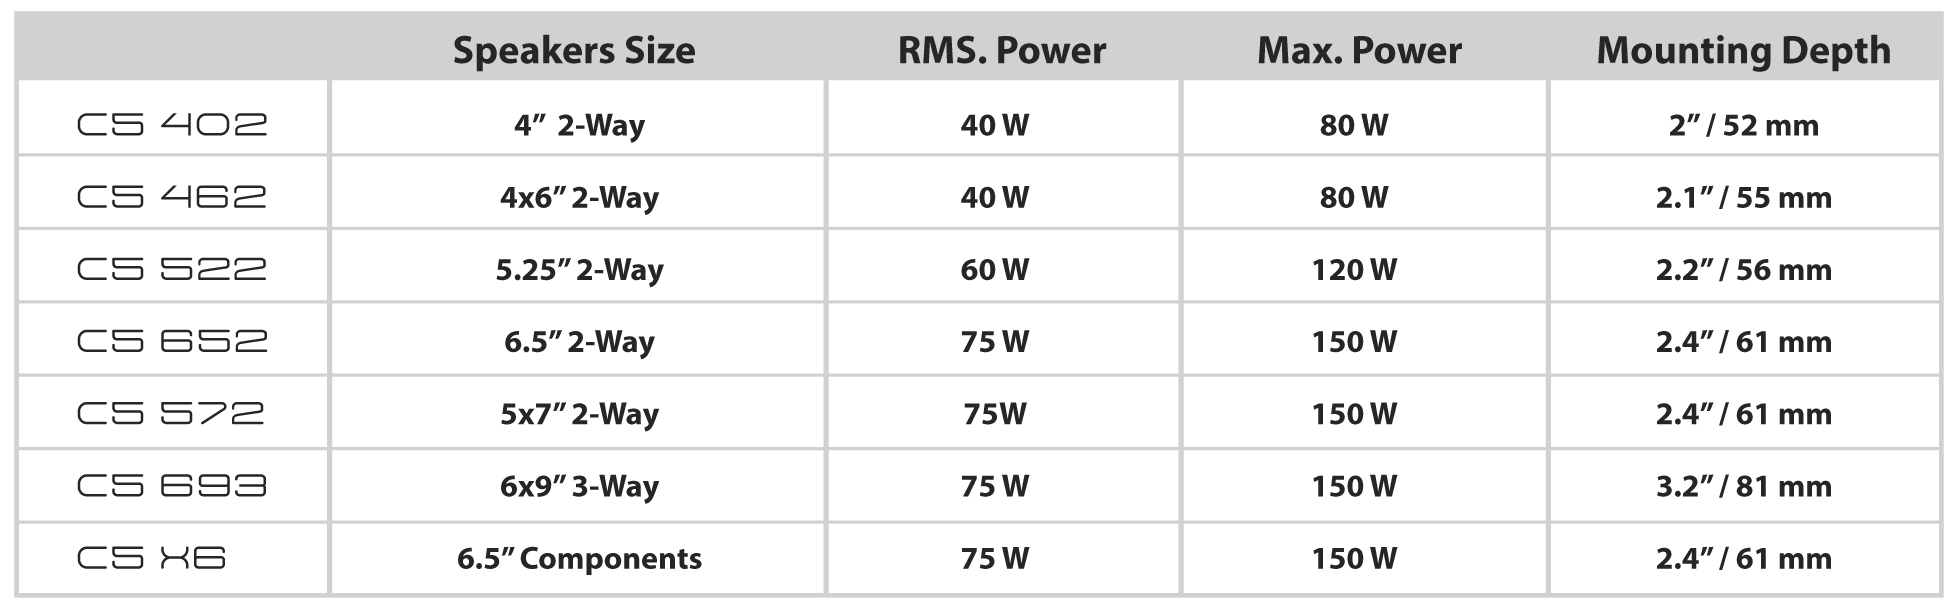 C5 Loudspeaker Spec Charts